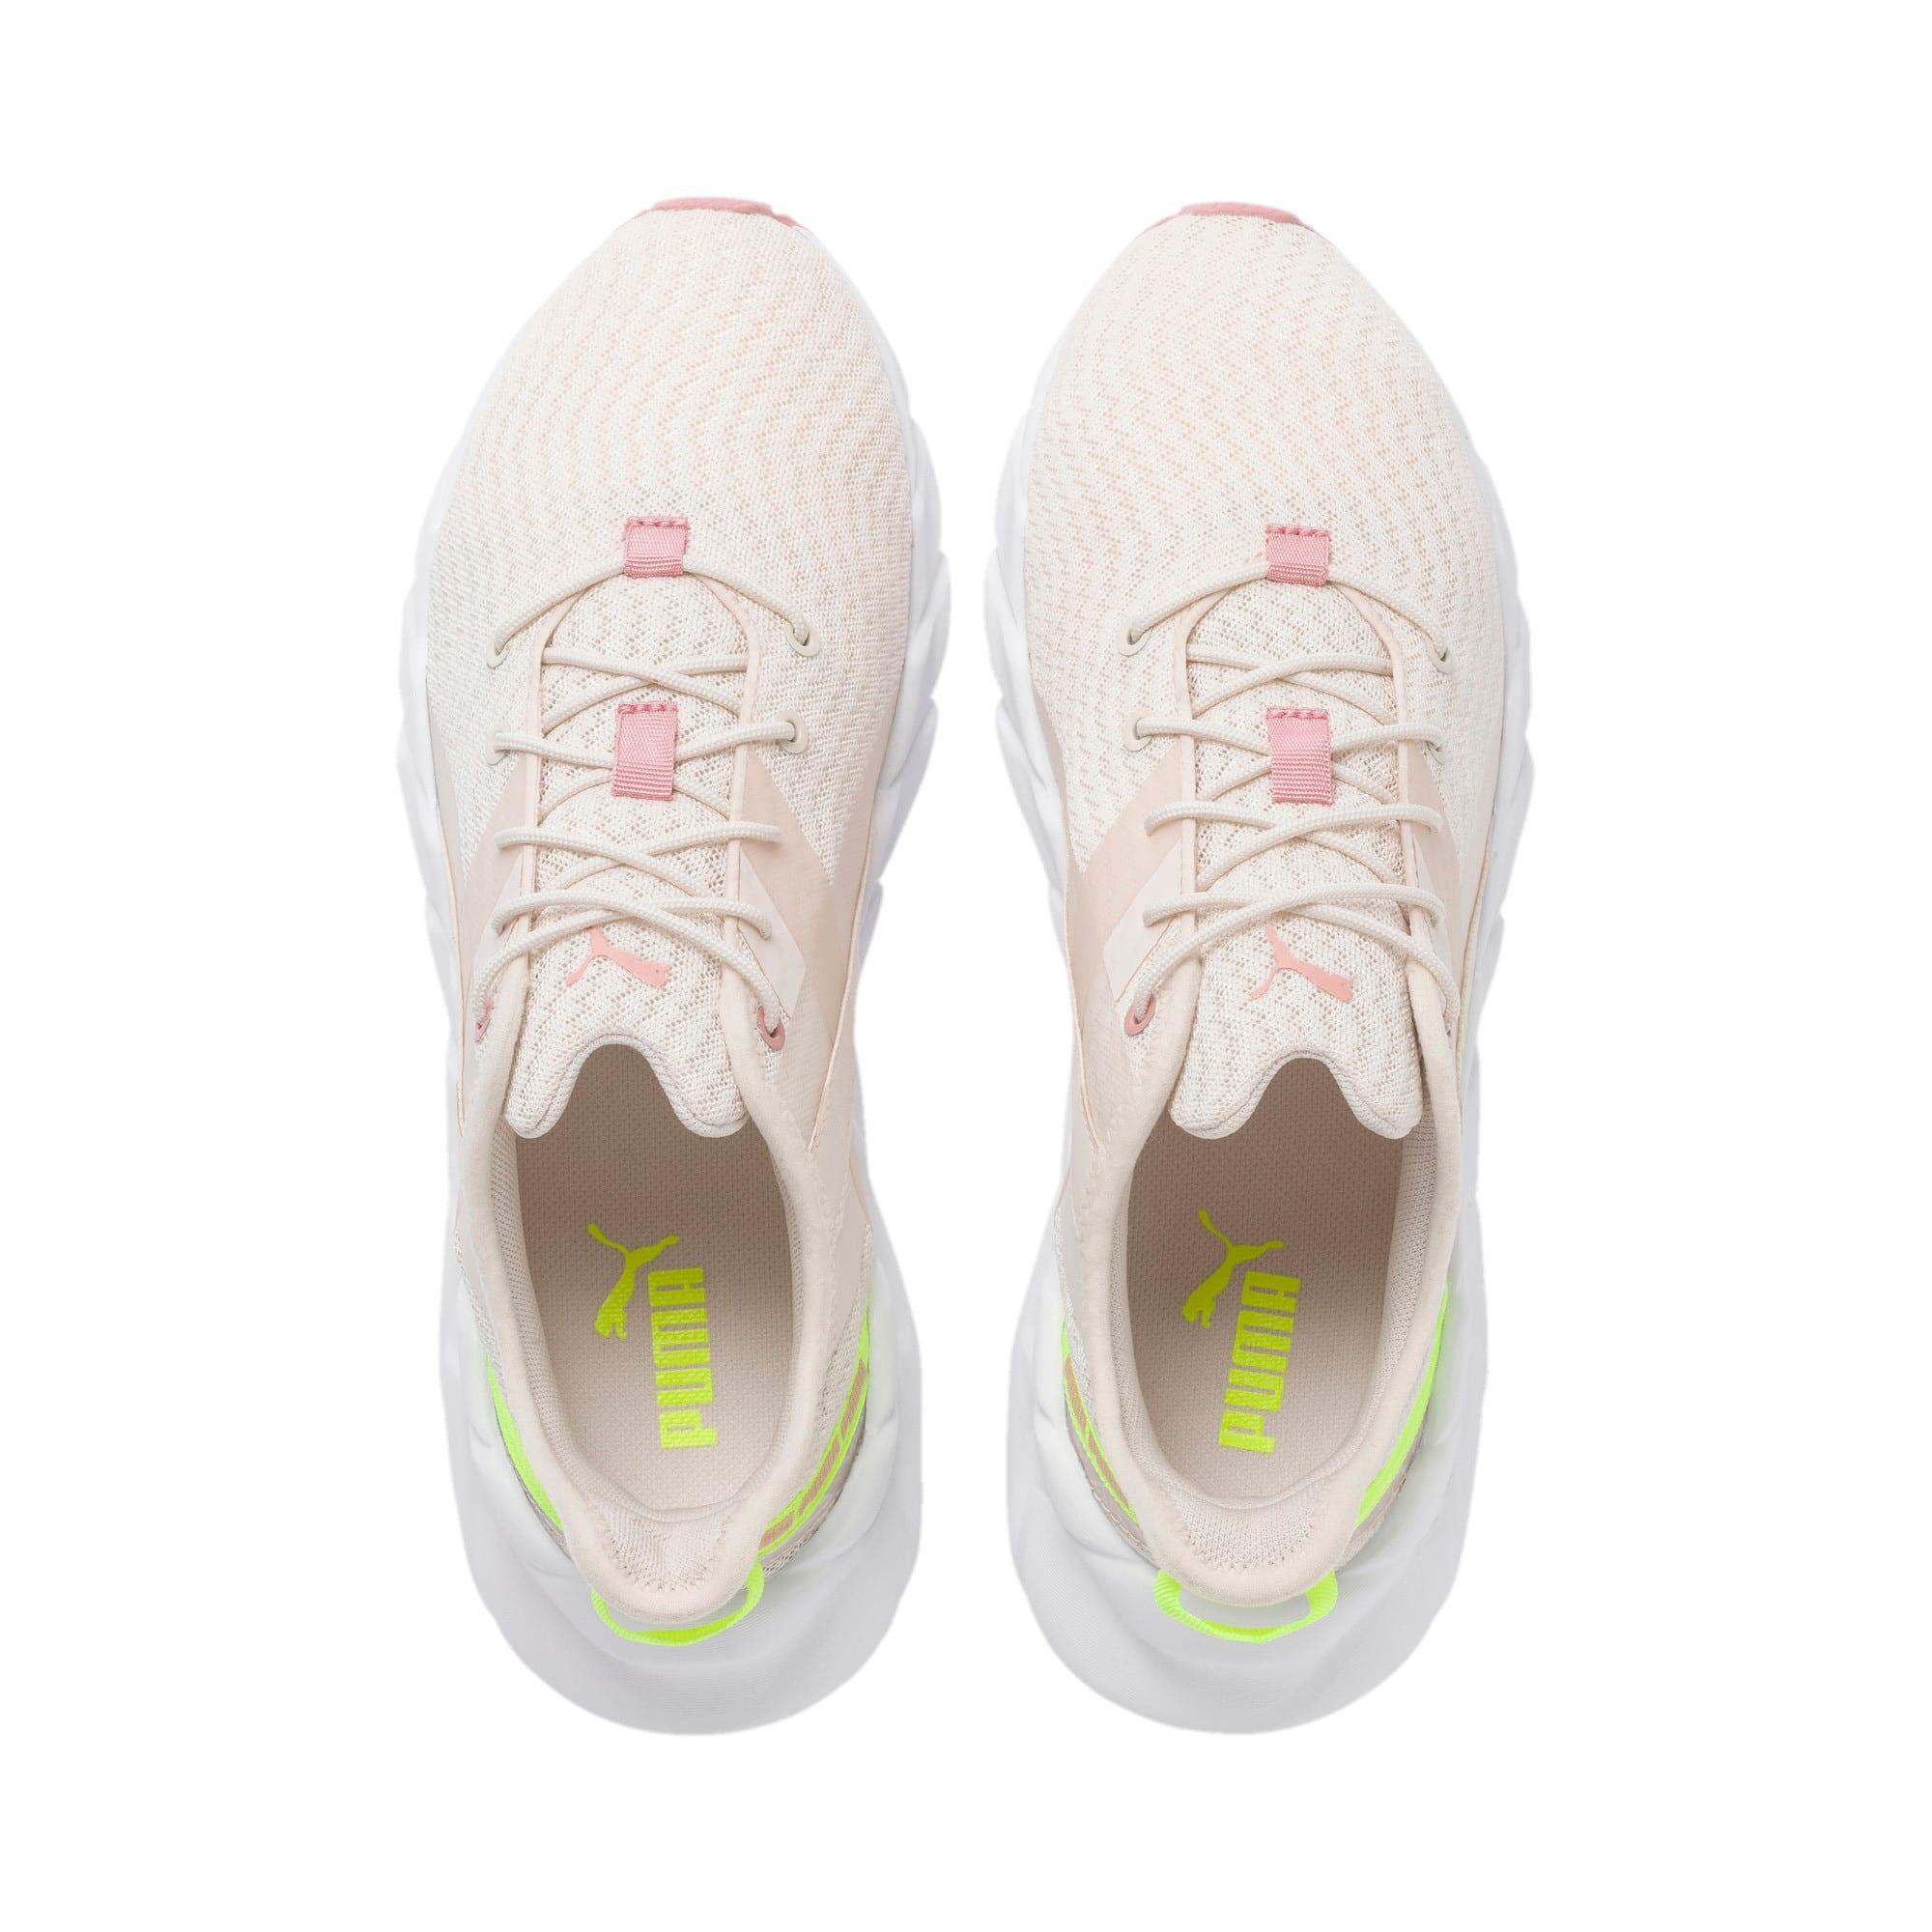 Thumbnail 8 of Weave Shift XT Women's Training Shoes, Pastel Parchment-Puma White, medium